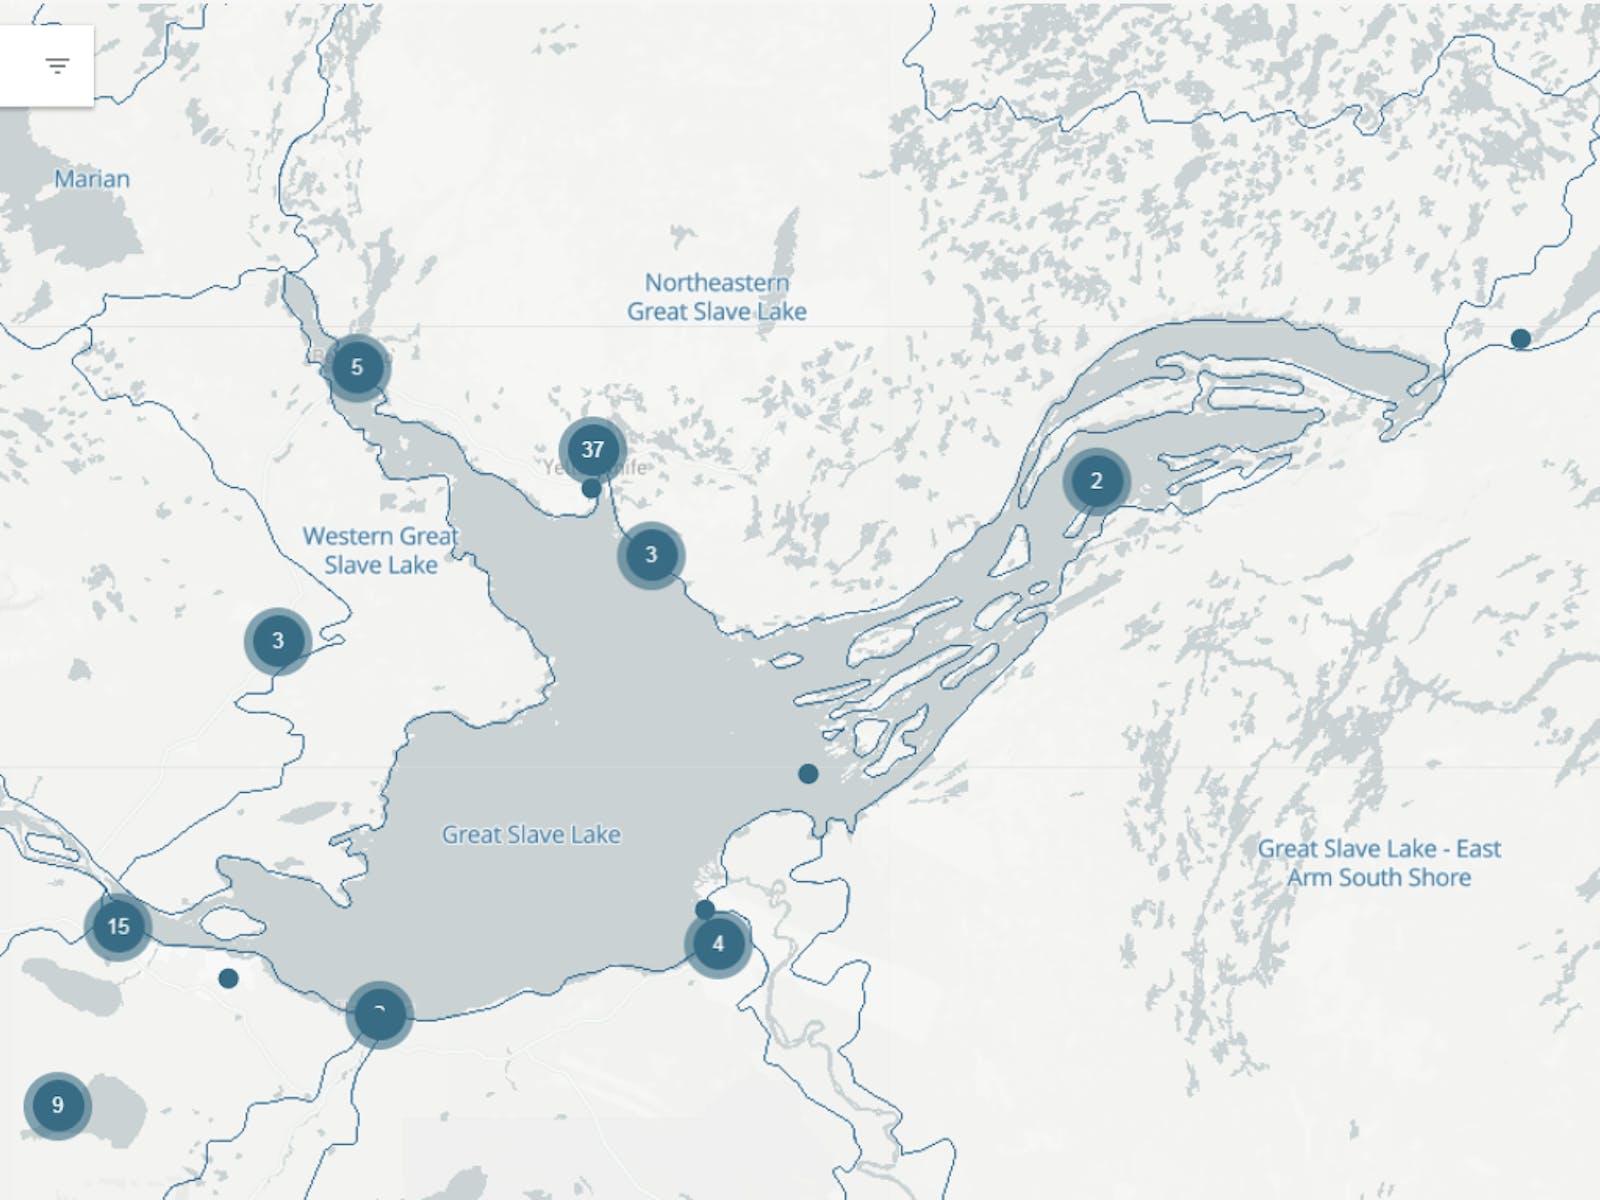 Monitoring Sites surrounding Great Slave Lake